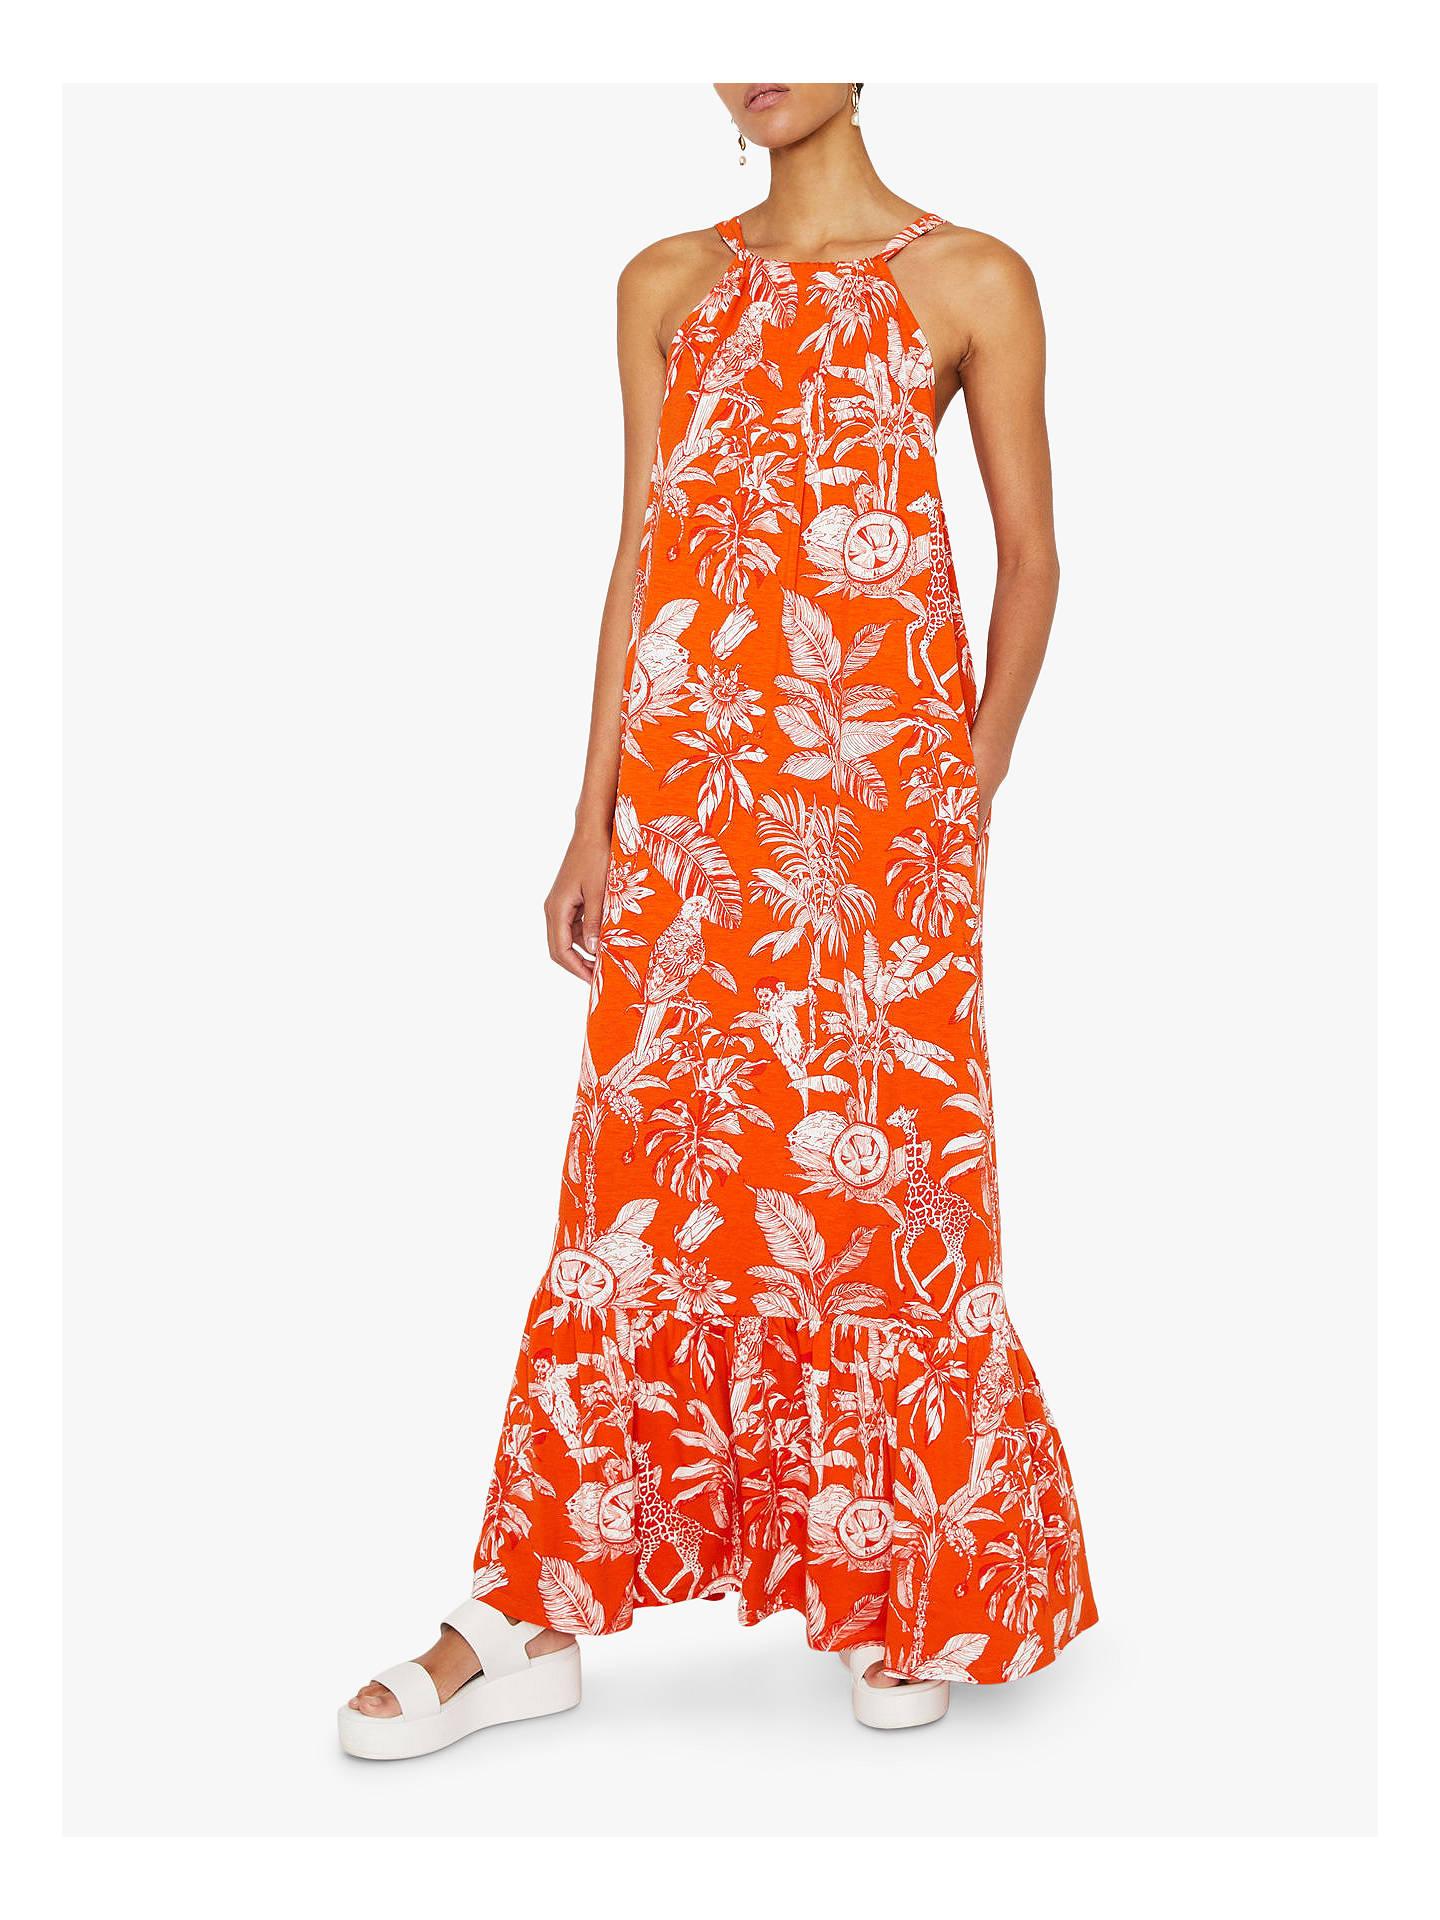 2a6fa2abad76c Warehouse Jungle Print Maxi Dress, Orange